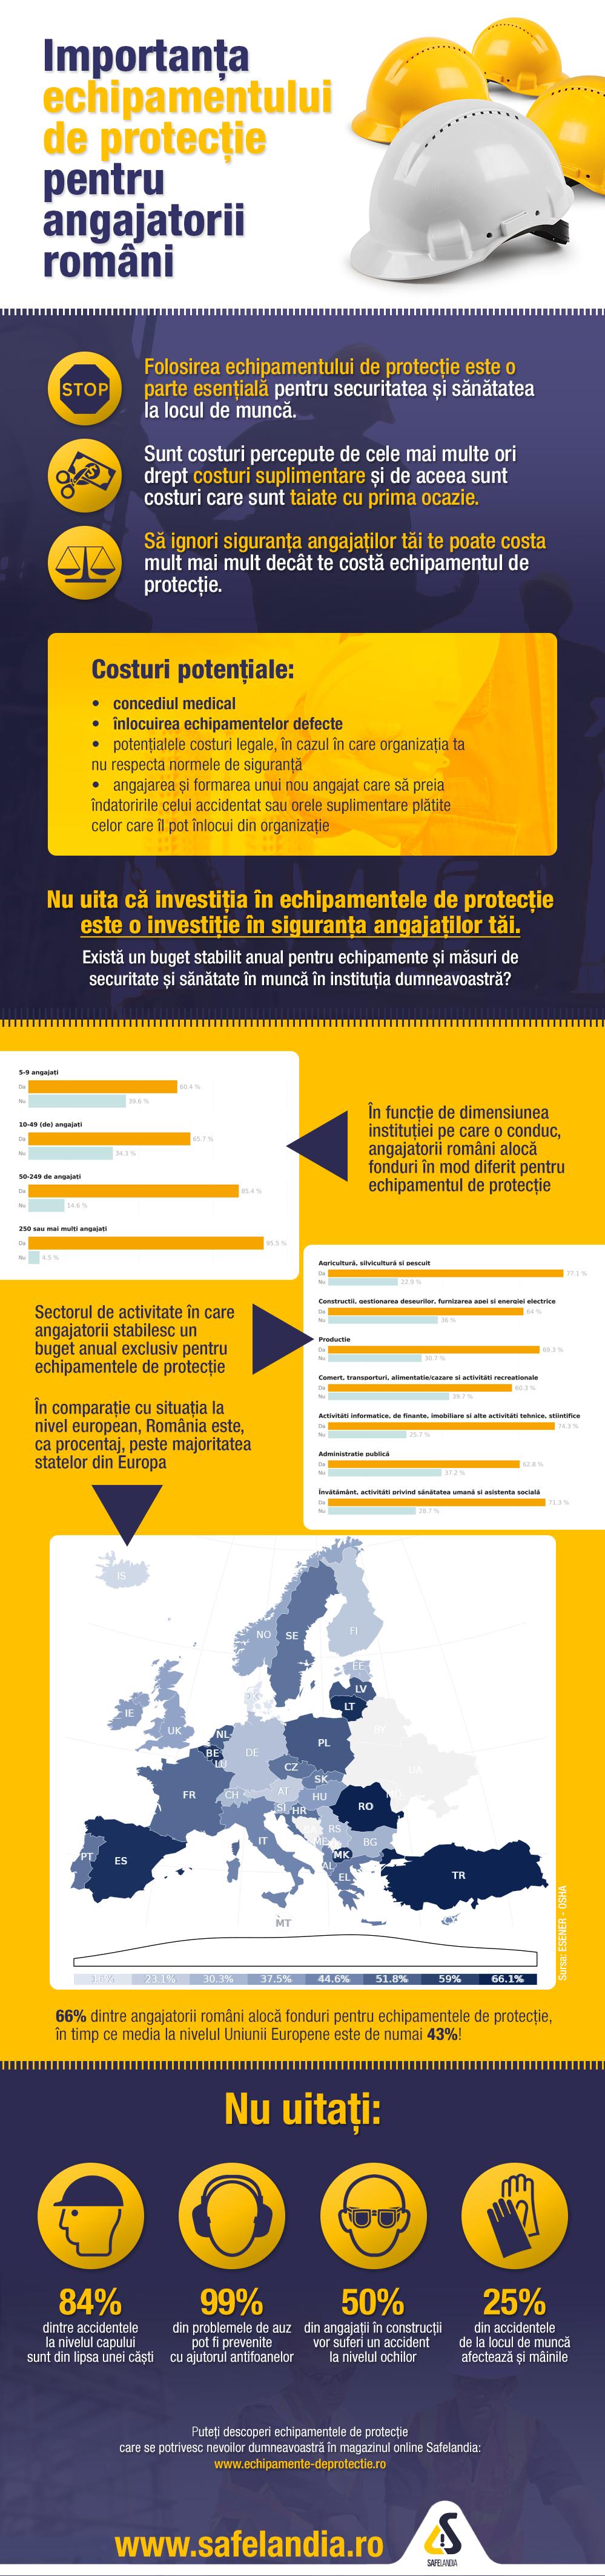 infographic9